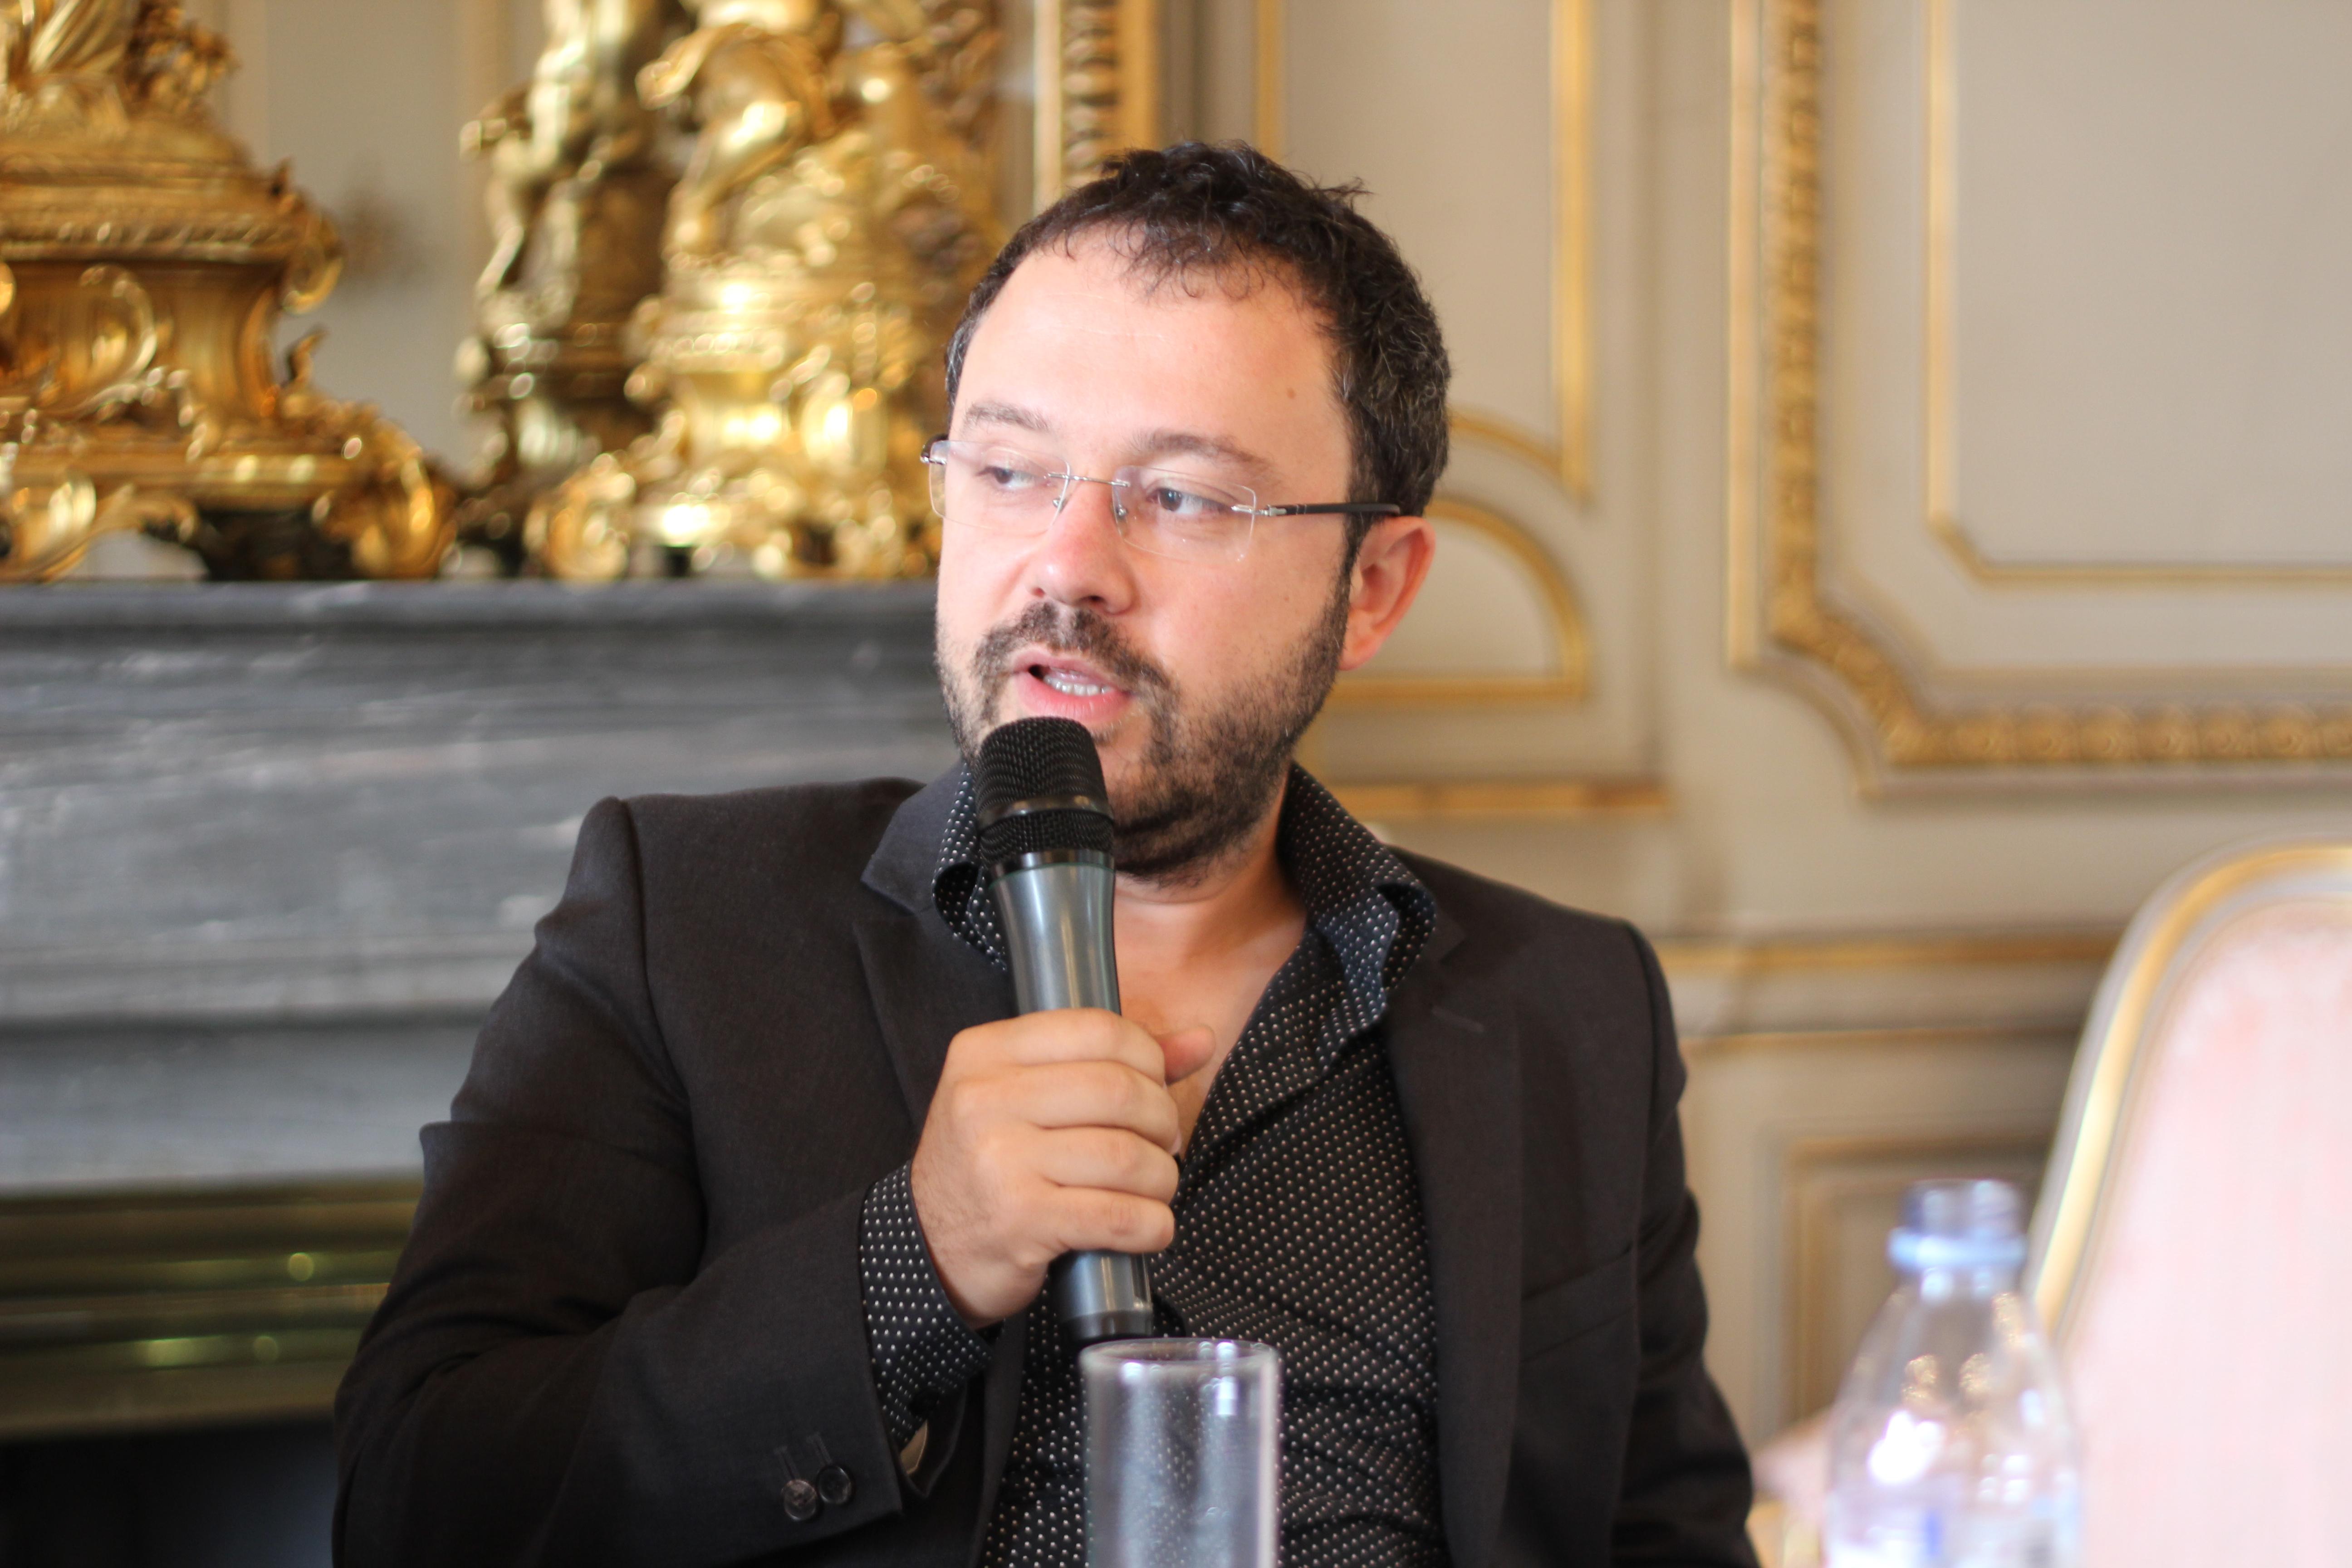 Riad Sattouf in 2014